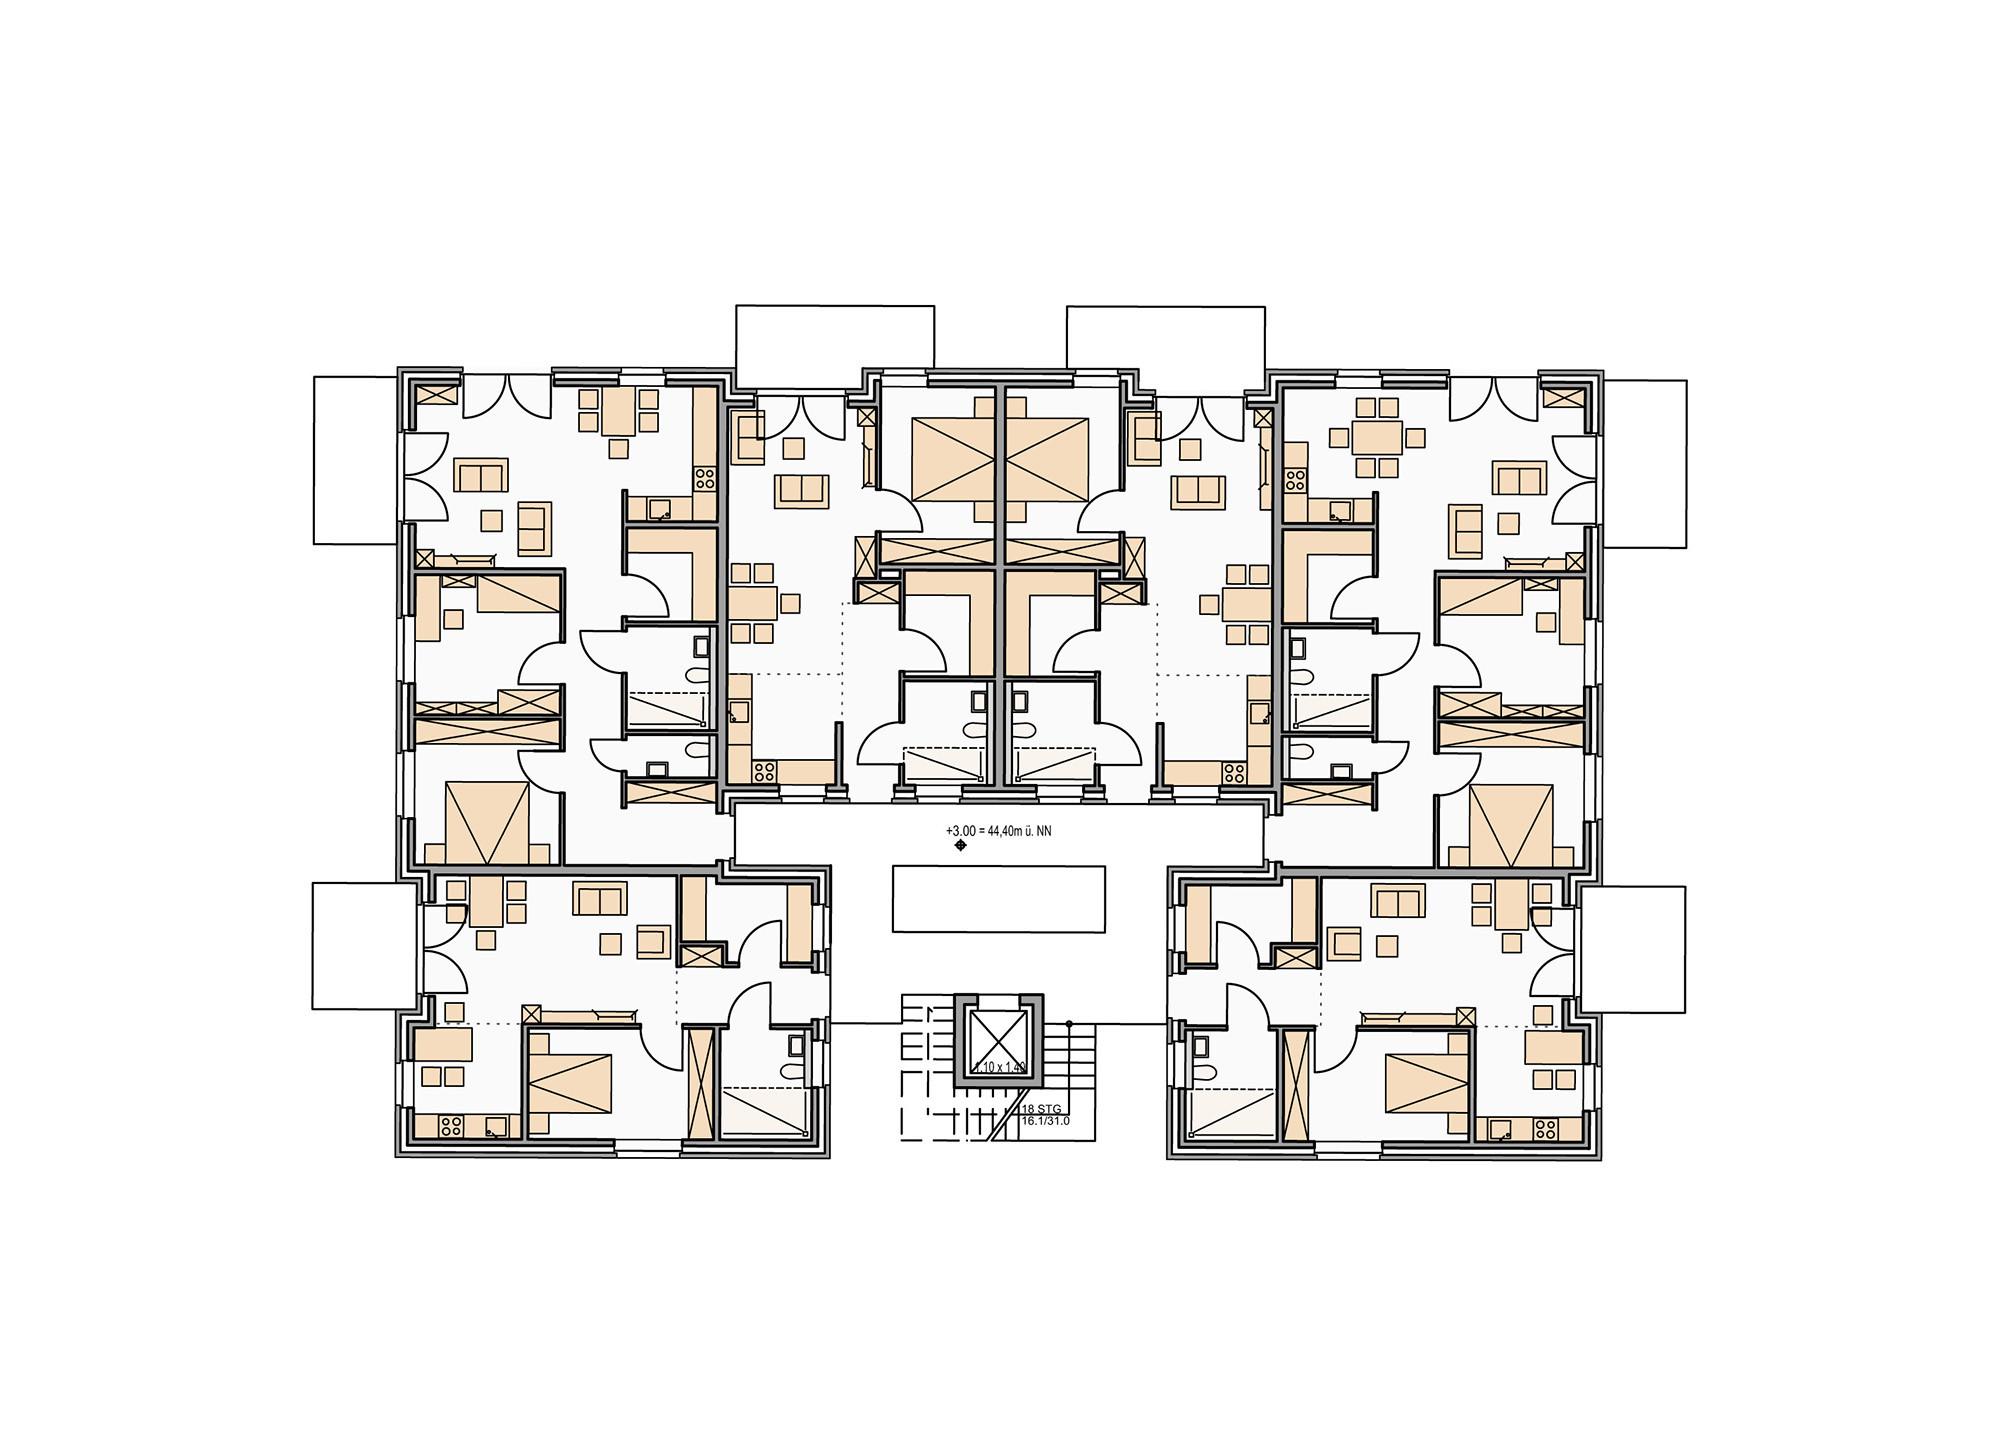 klimaschutzsiedlung wohnen am ballenlager in greven geb udetechnik wohnen baunetz wissen. Black Bedroom Furniture Sets. Home Design Ideas